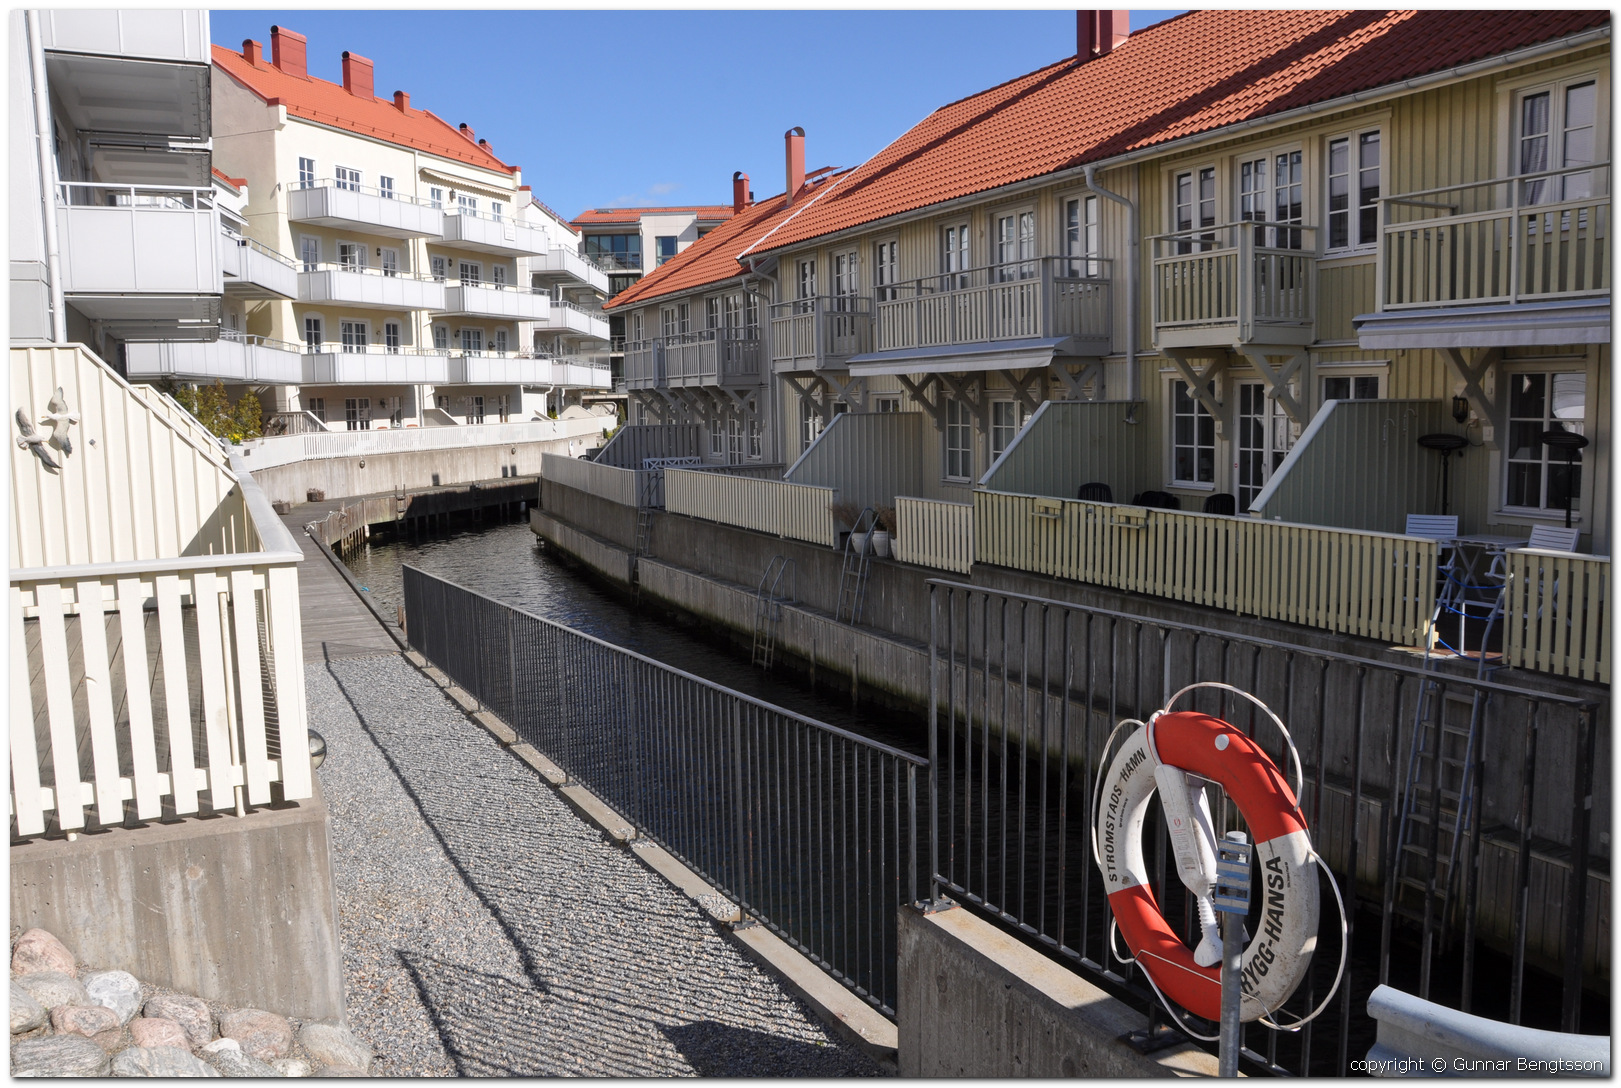 bohuslan_norge_2012-04-02_dsc_3551